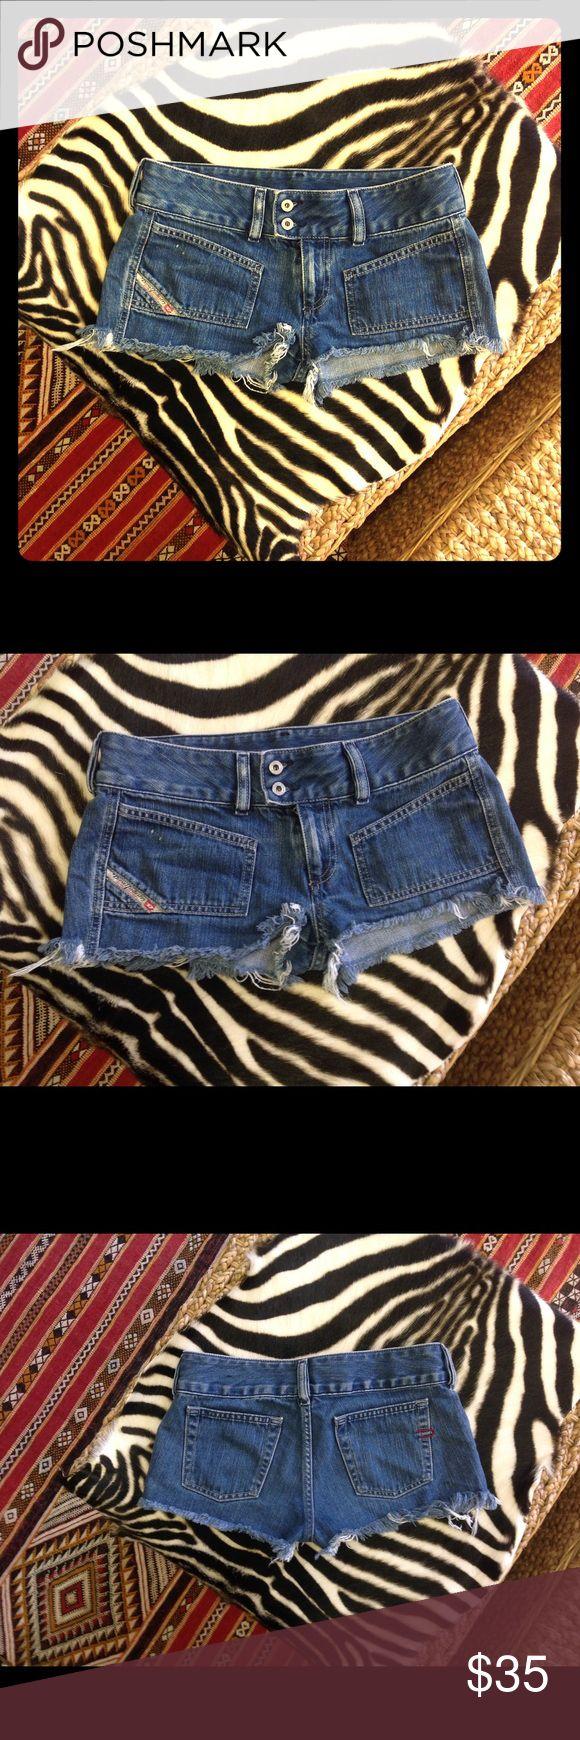 Dieisel Denim Shorts Authentic Diesel Denim Shorts Diesel Shorts Jean Shorts